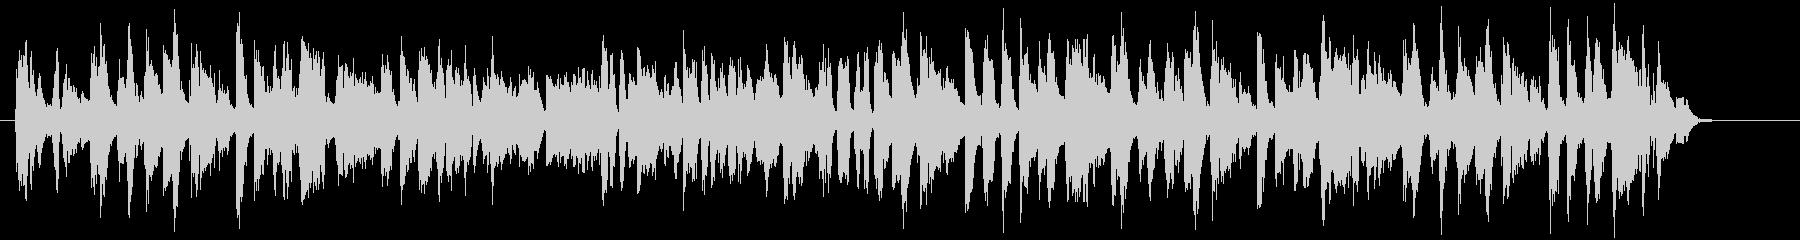 ブロッコリーをテーマにした楽曲の未再生の波形